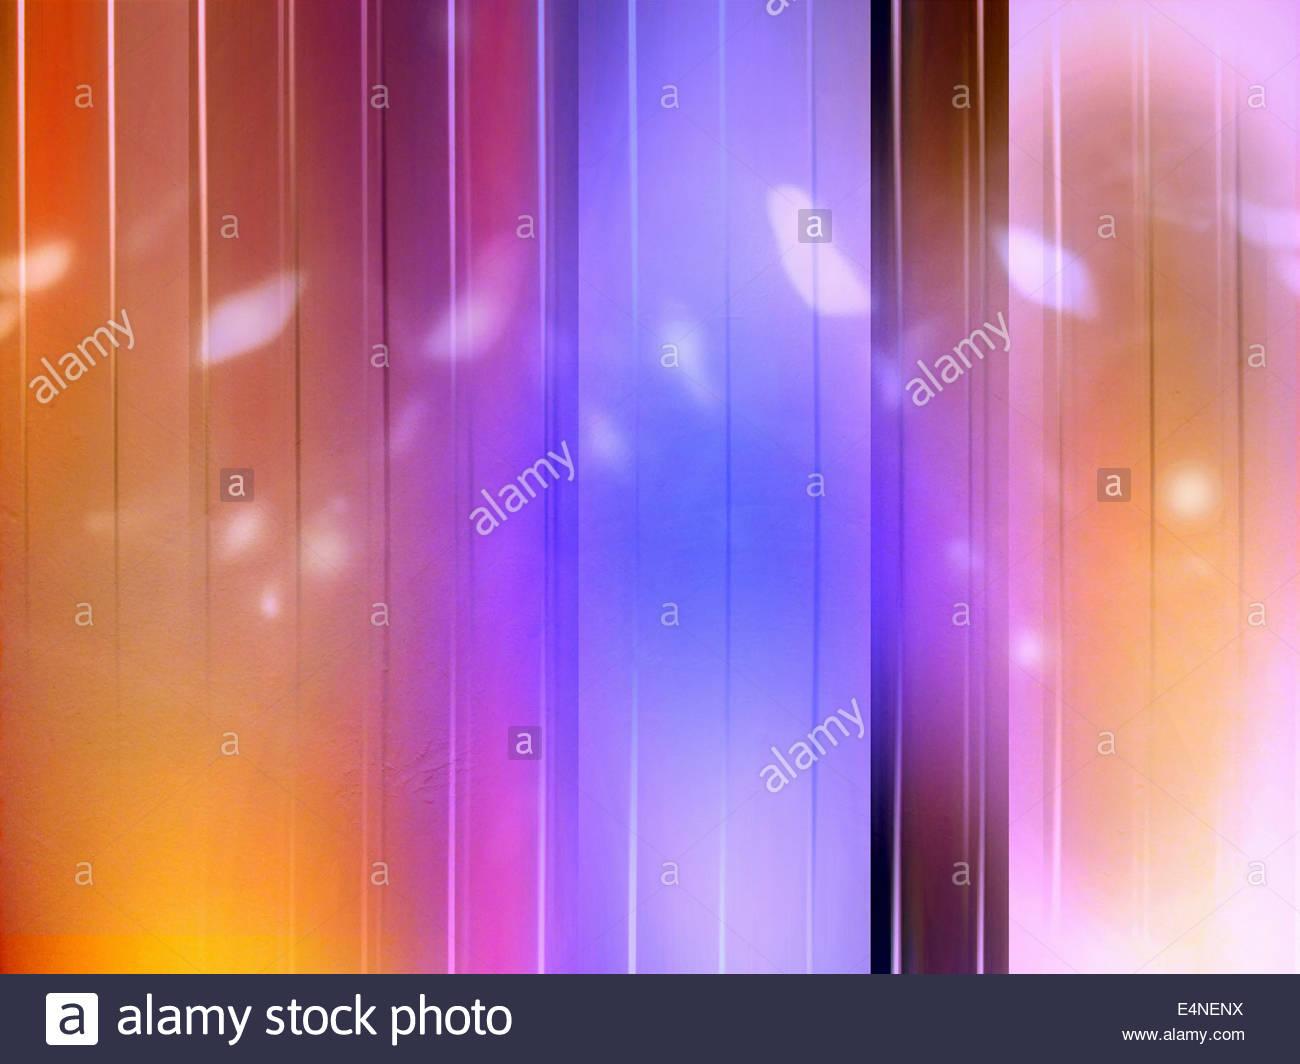 Abstract arancione e viola gli sfondi a strisce pattern Immagini Stock